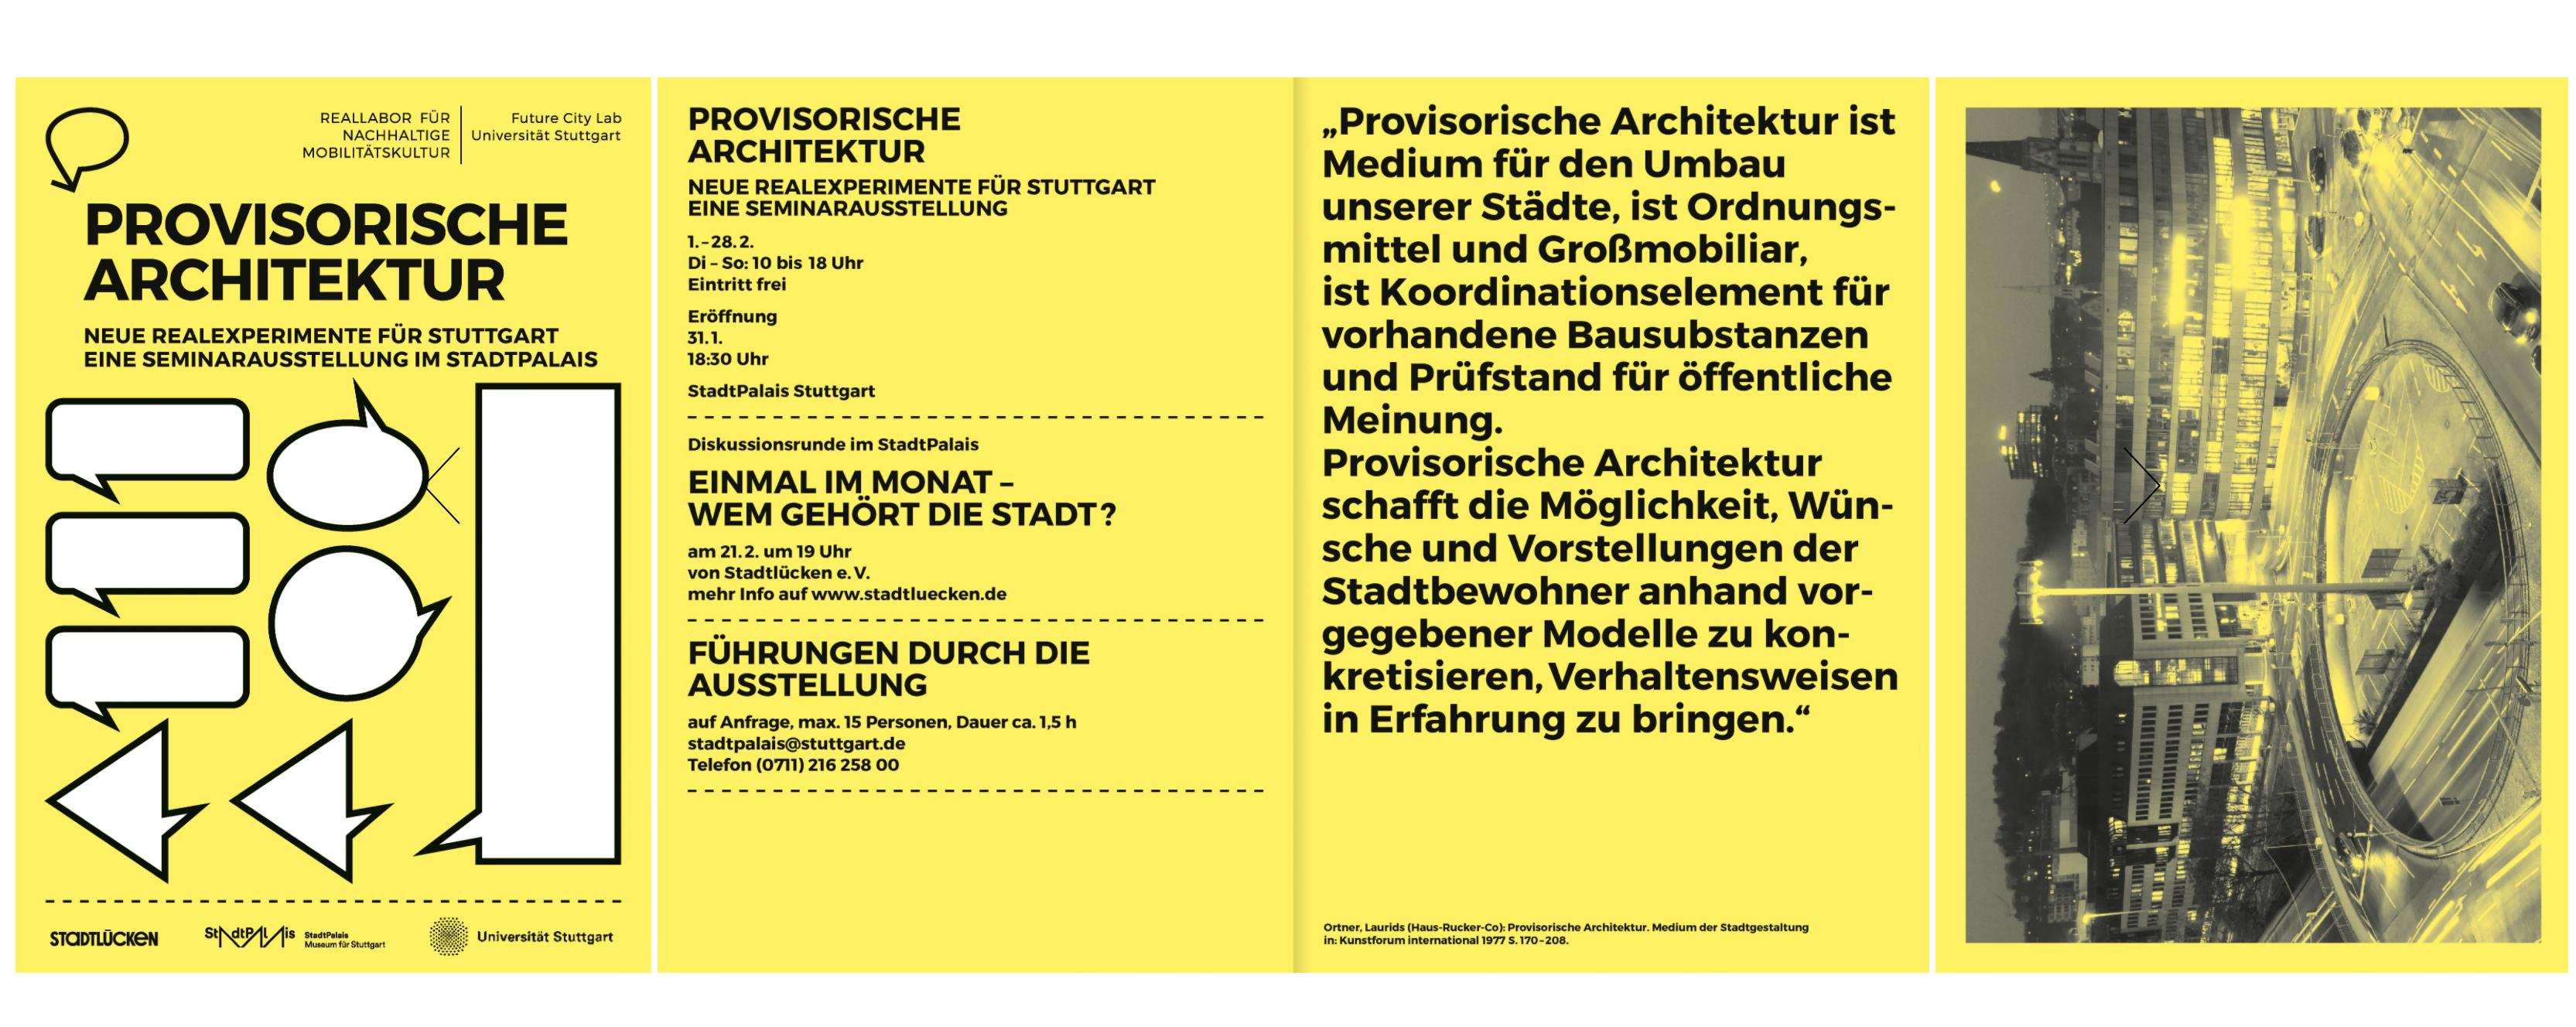 Ausstellung Provisorische Architektur Stadtpalais Sebastian klawiter Martina Baum reallabor für nachhaltige Mobilitätskultur uni stuttgart städtebau Institut